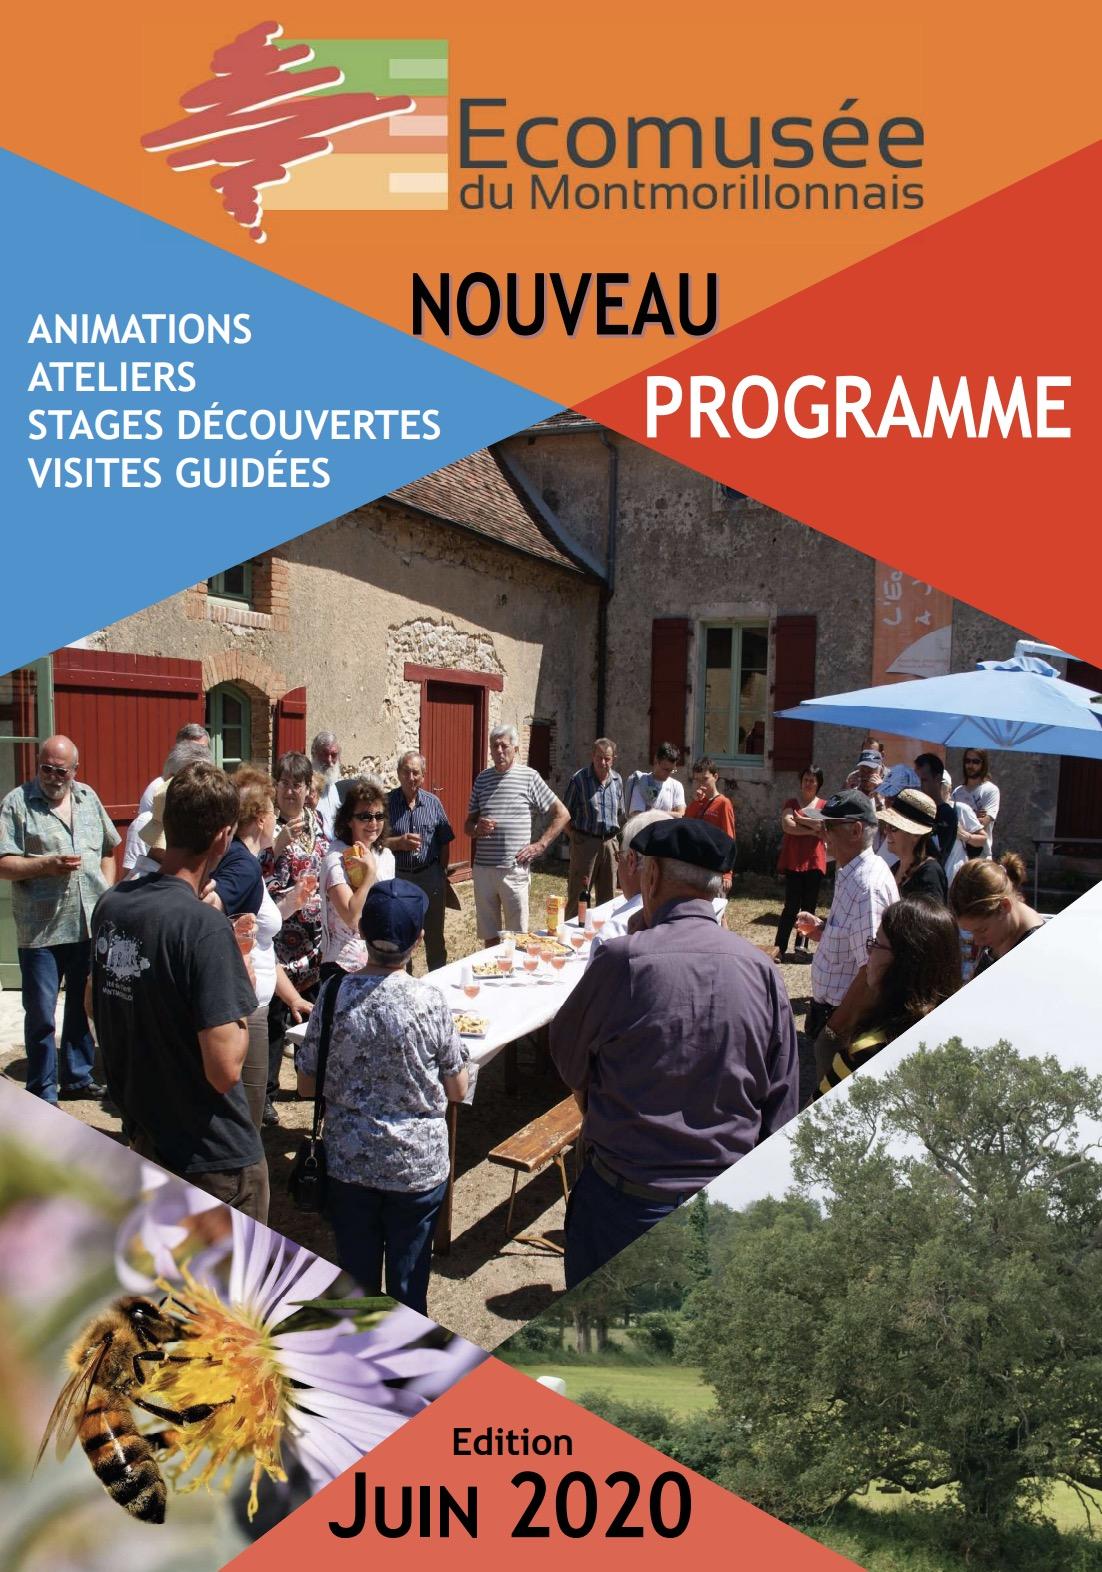 Programme 2020 de l'Ecomusée - Edition juin 2020